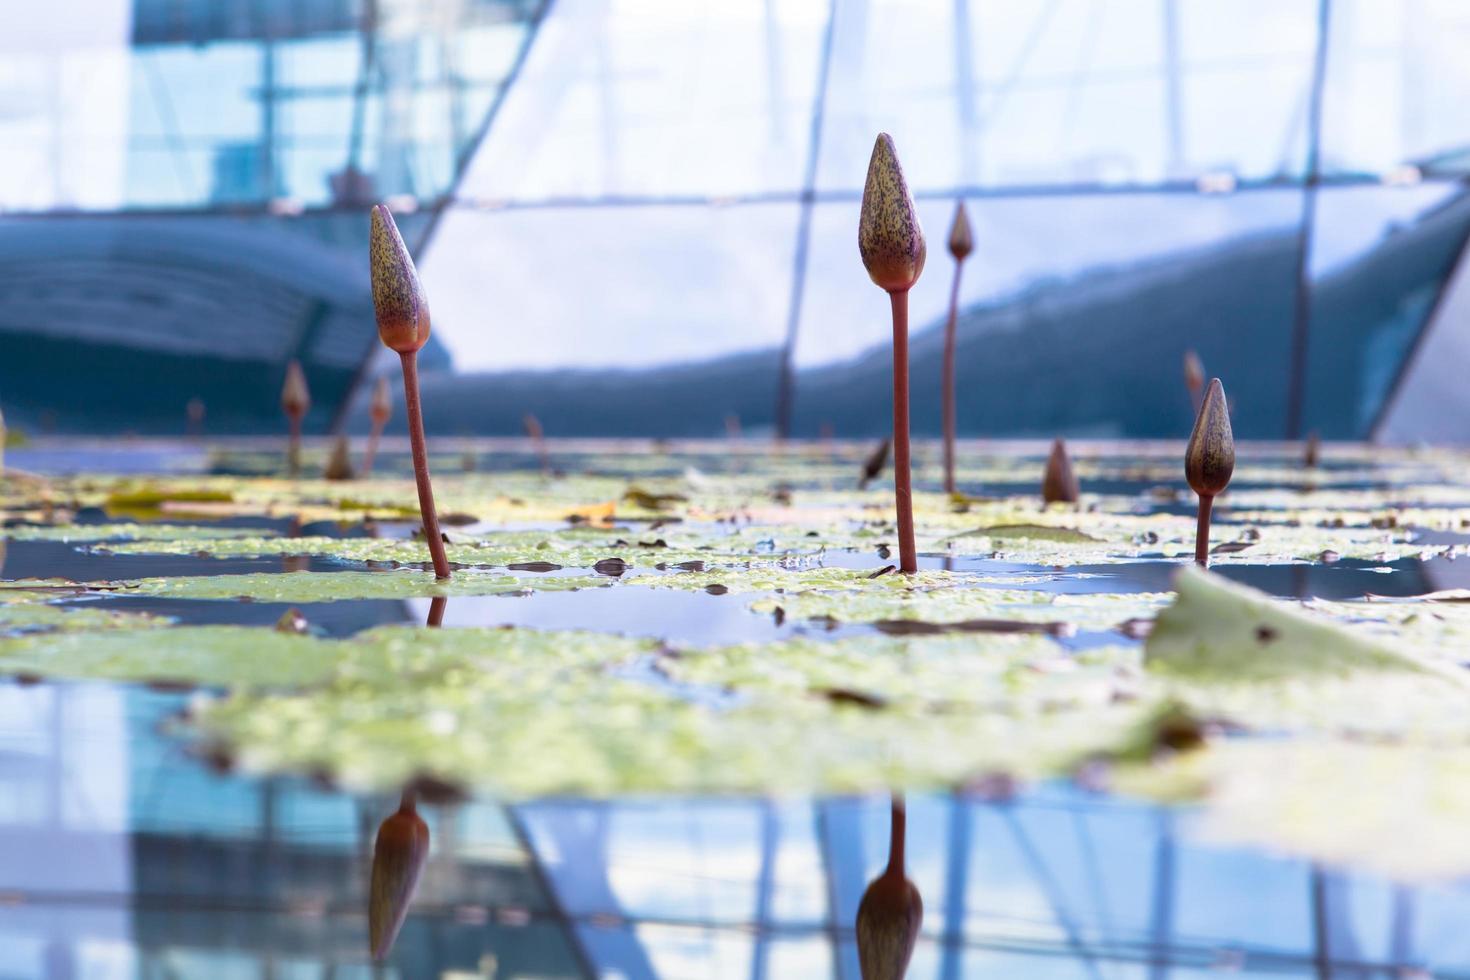 jardins botaniques de singapour, singapour, 2020 - gros plan de nénuphars dans une serre photo